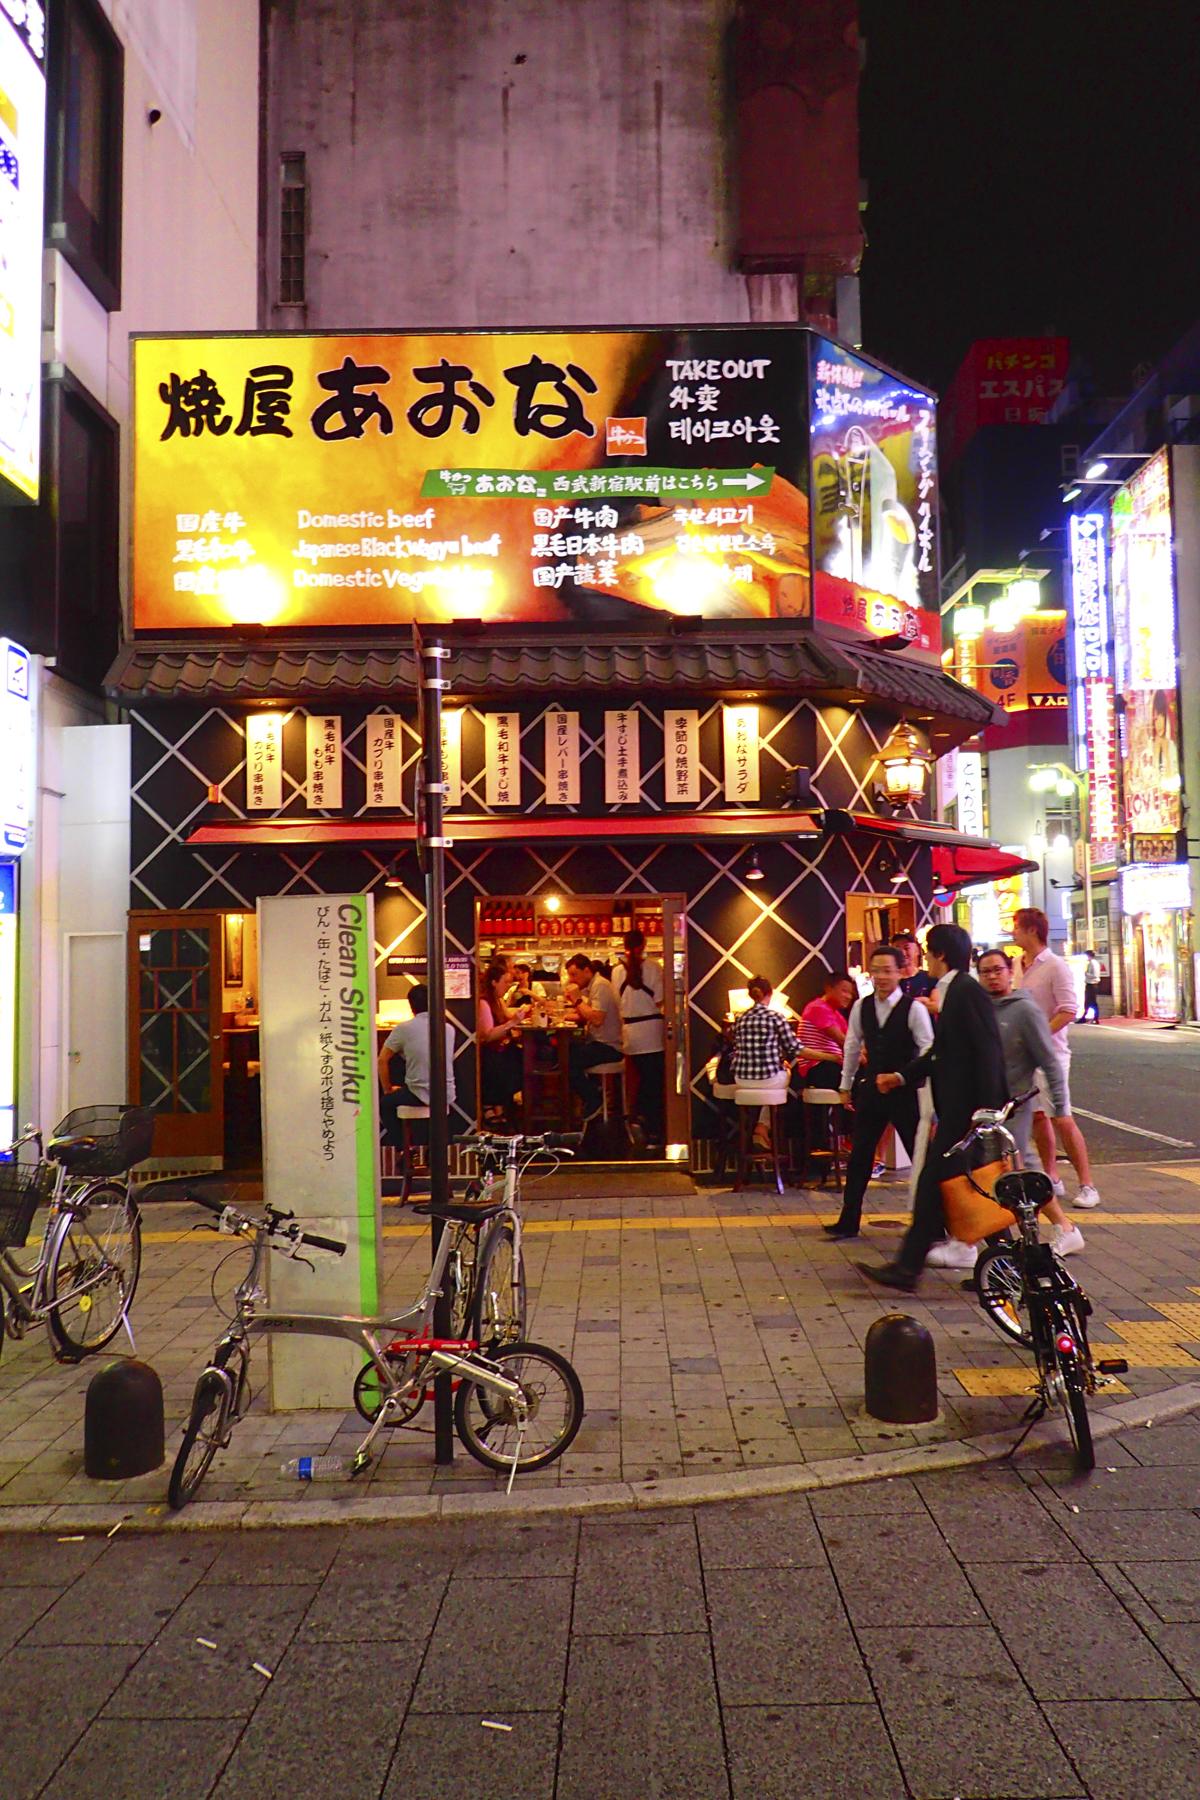 Shinjuku District, Tokyo Japan